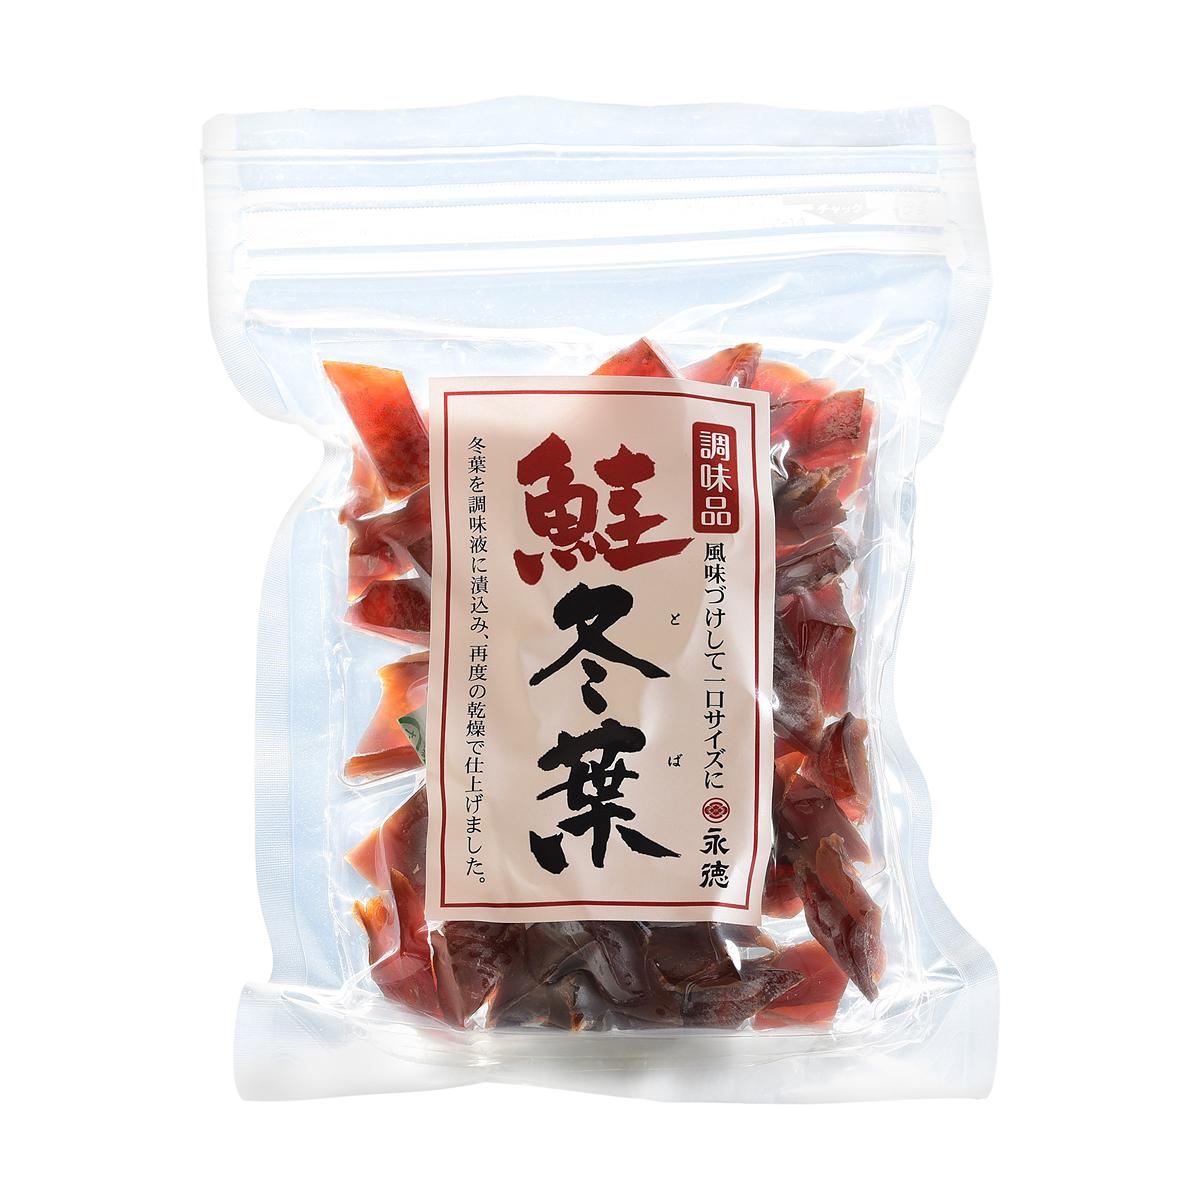 味つけ 鮭冬葉(とば) 100g